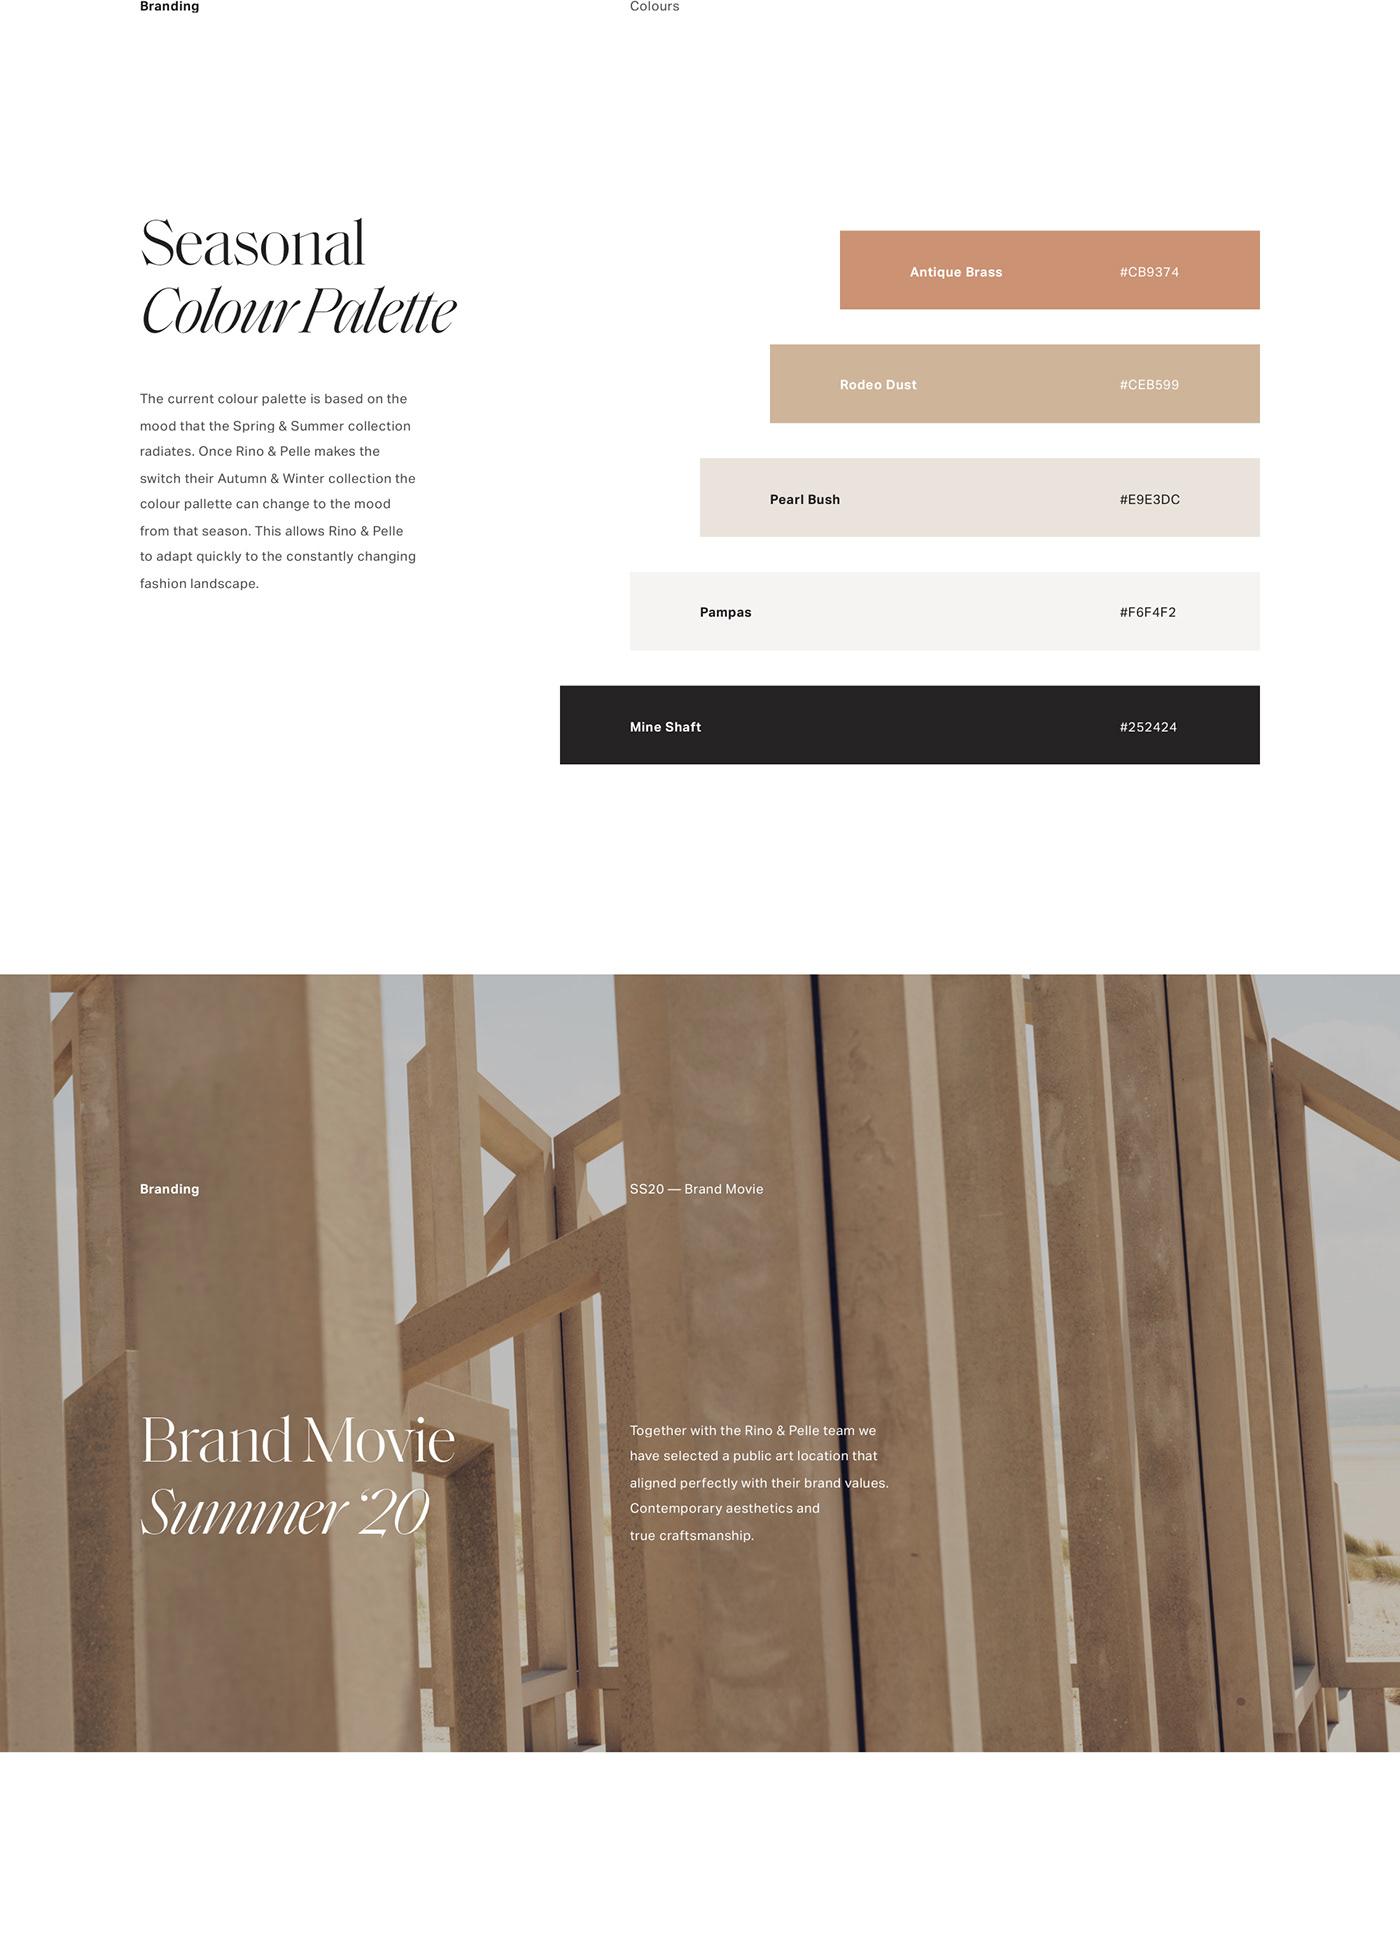 colour palette for a women's fashion website